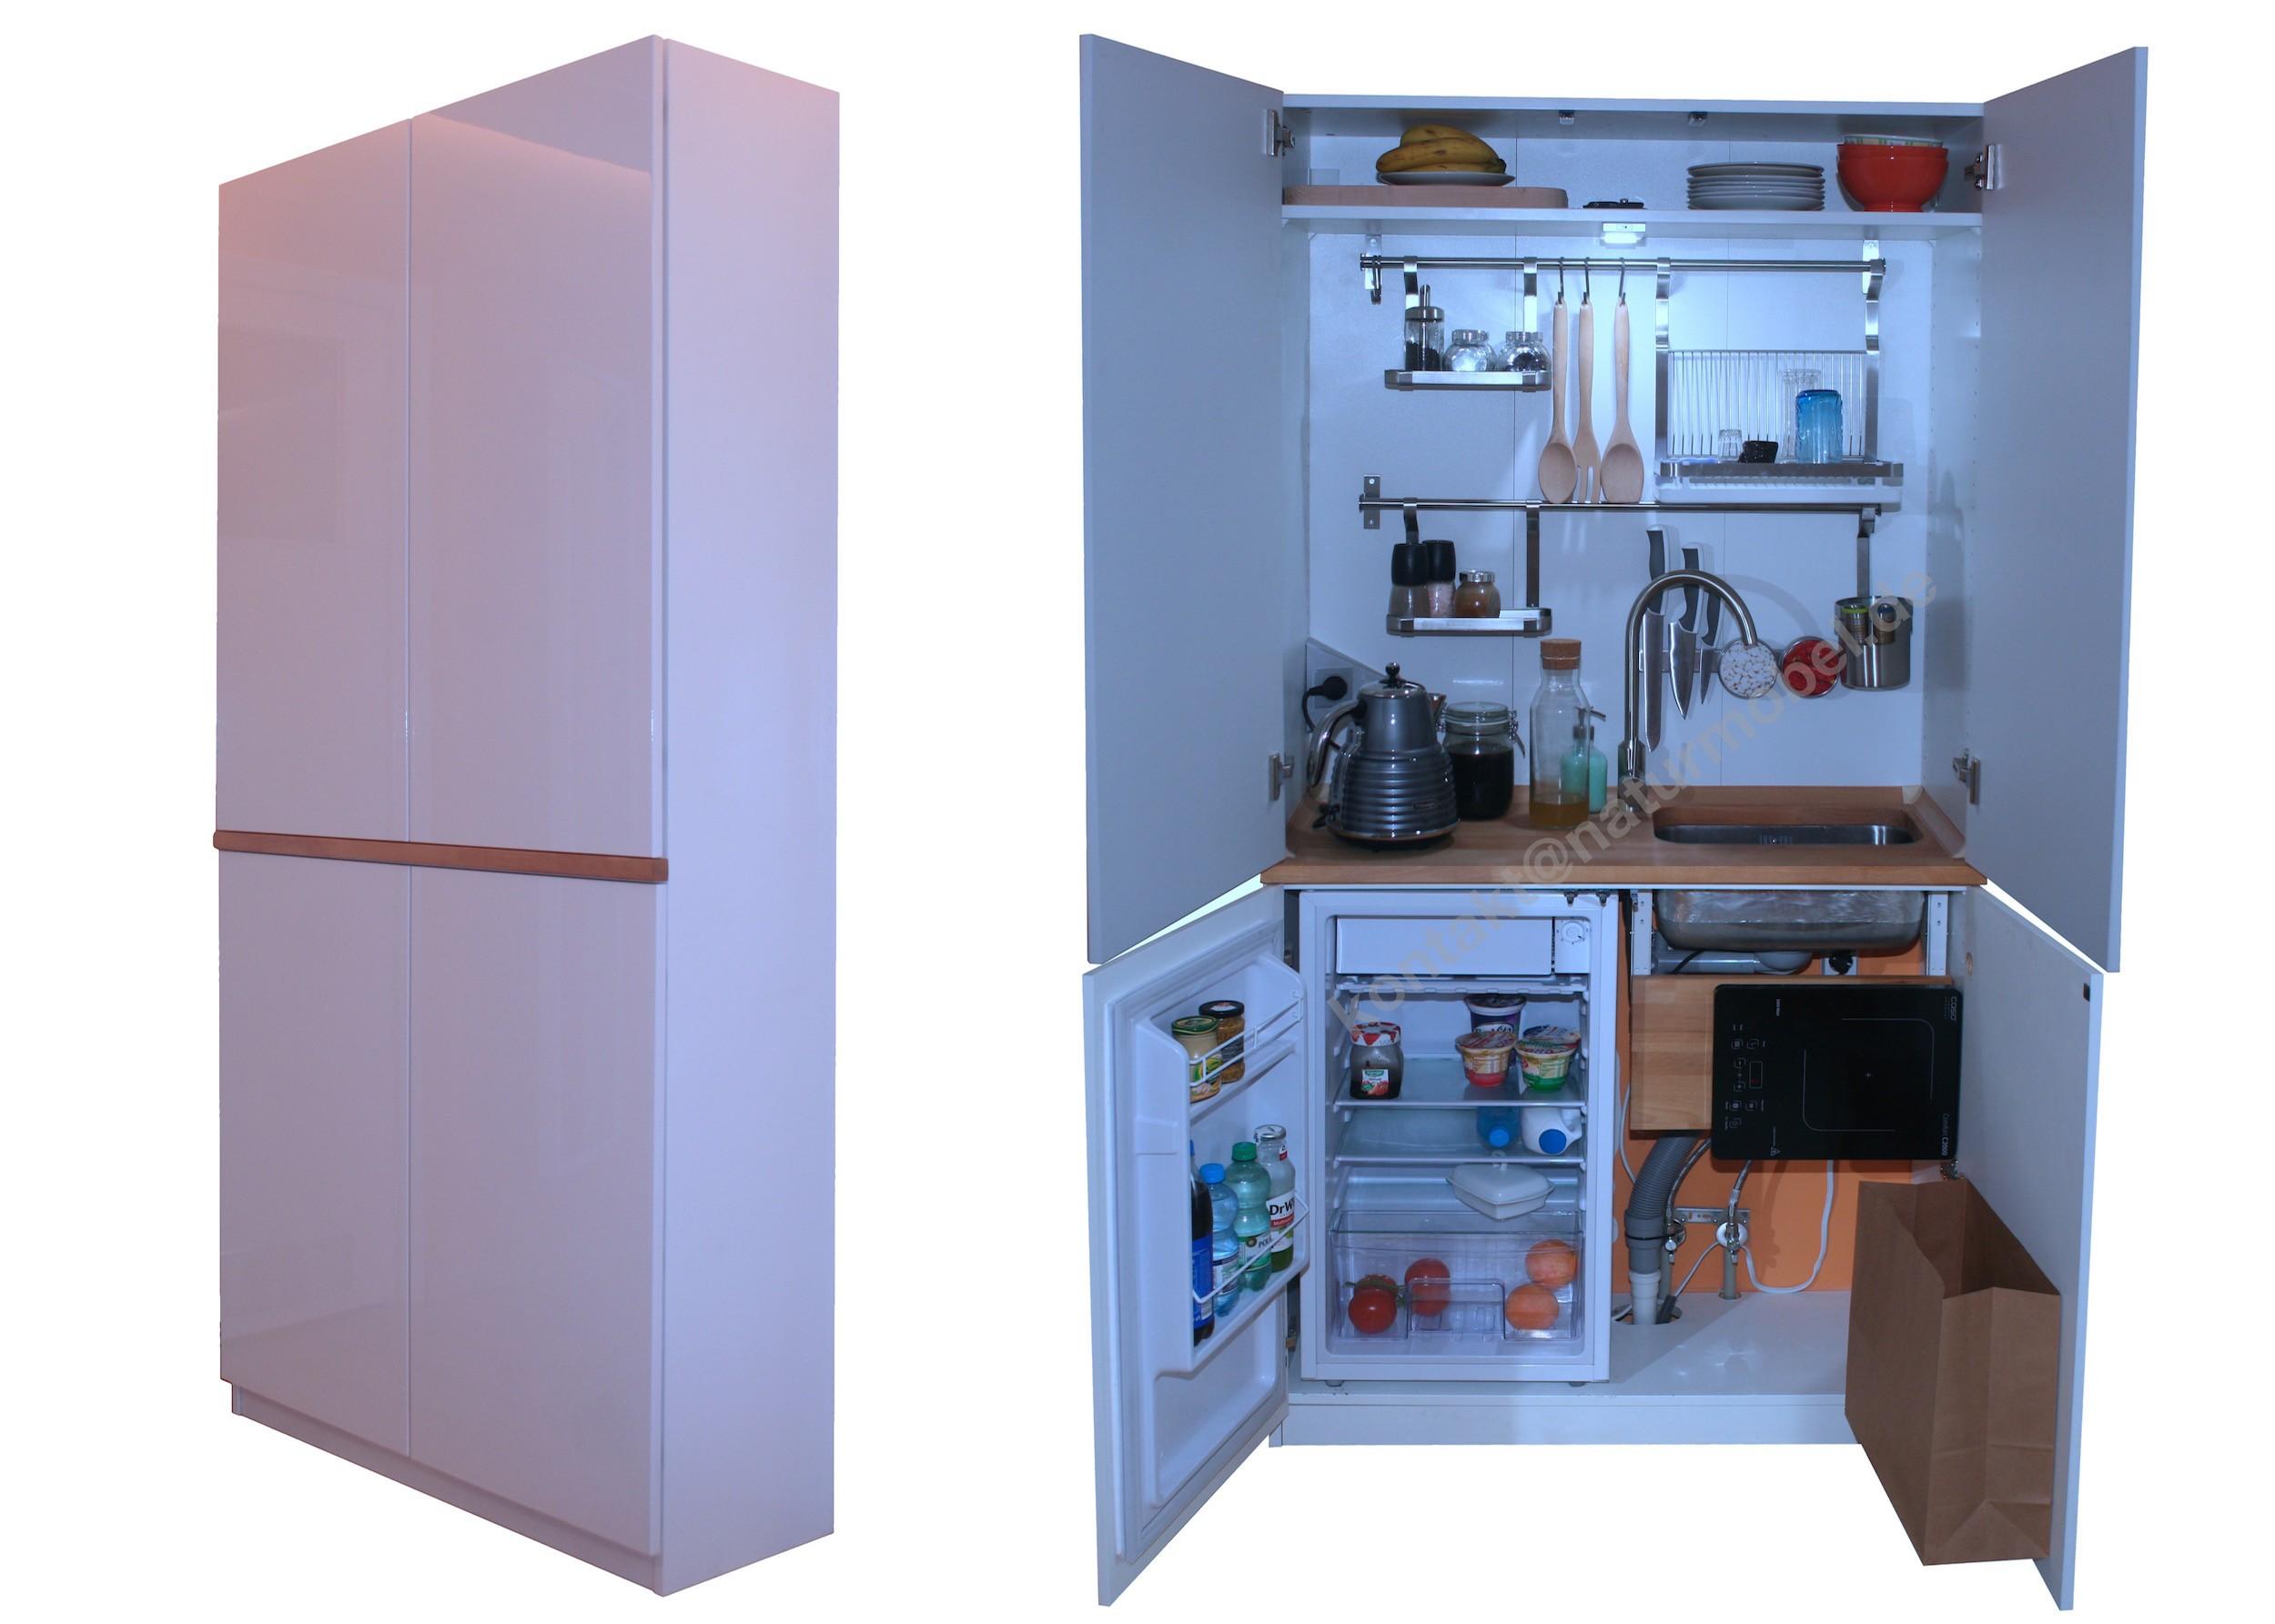 Mini kuche neue elektrische mini kochplatte v watt for Kuchenblock mit herd